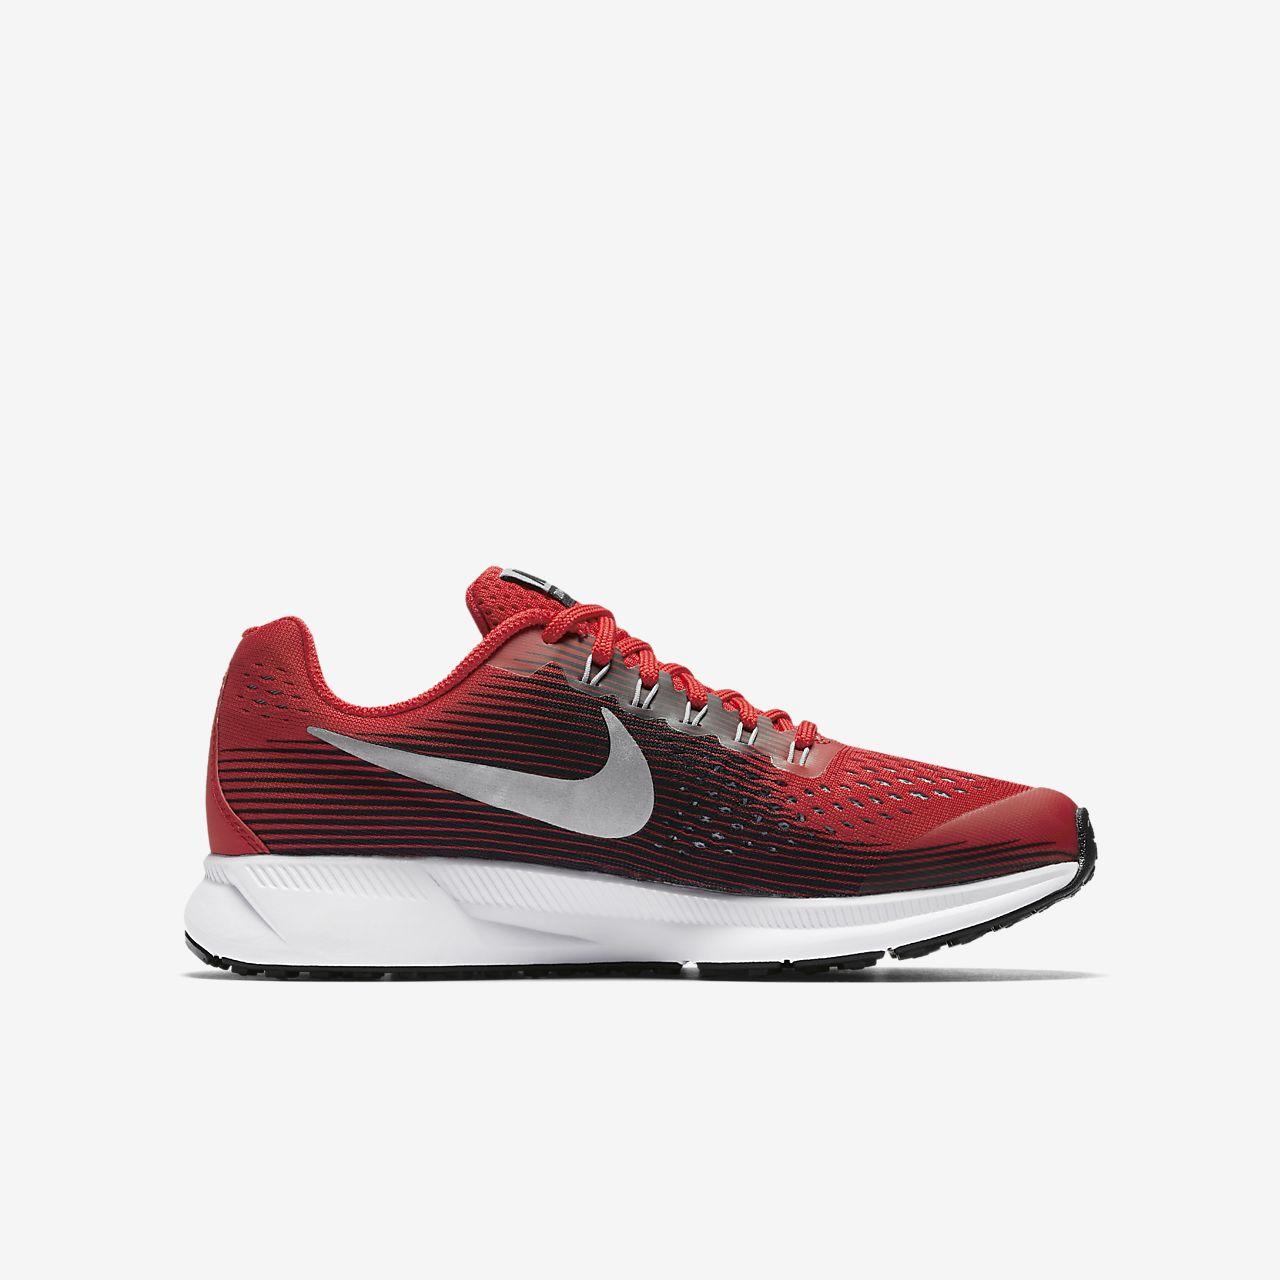 ... Nike Zoom Pegasus 34 Older Kids' Running Shoe